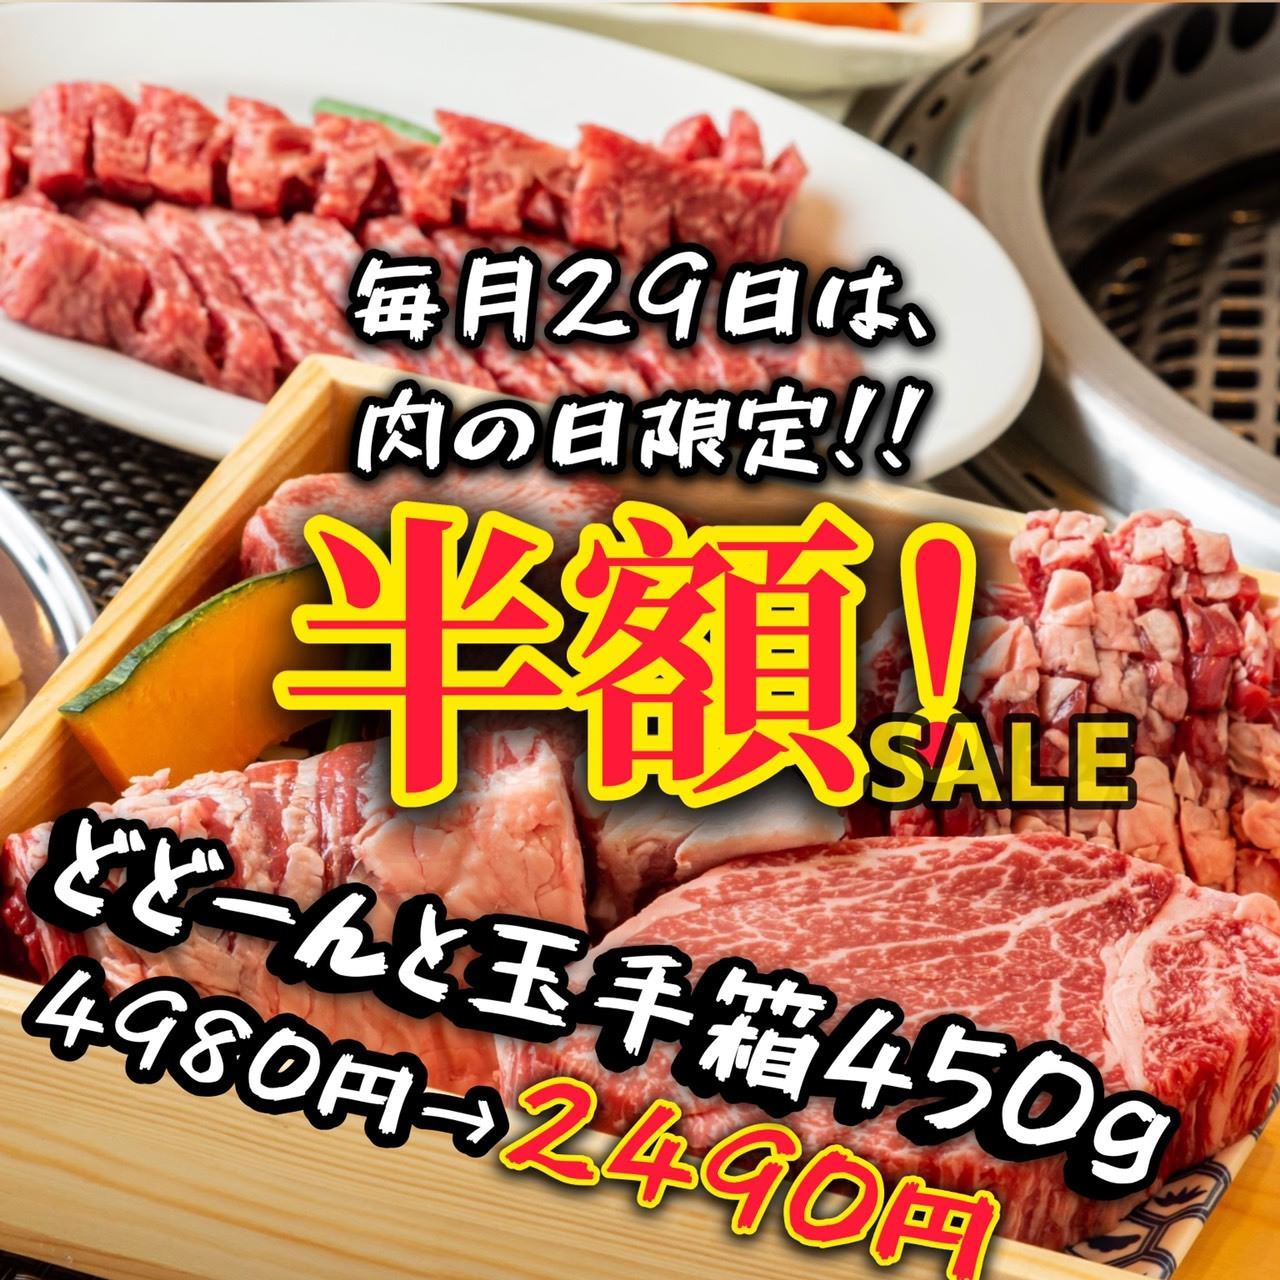 毎月29日は「肉の日」イベント開催!